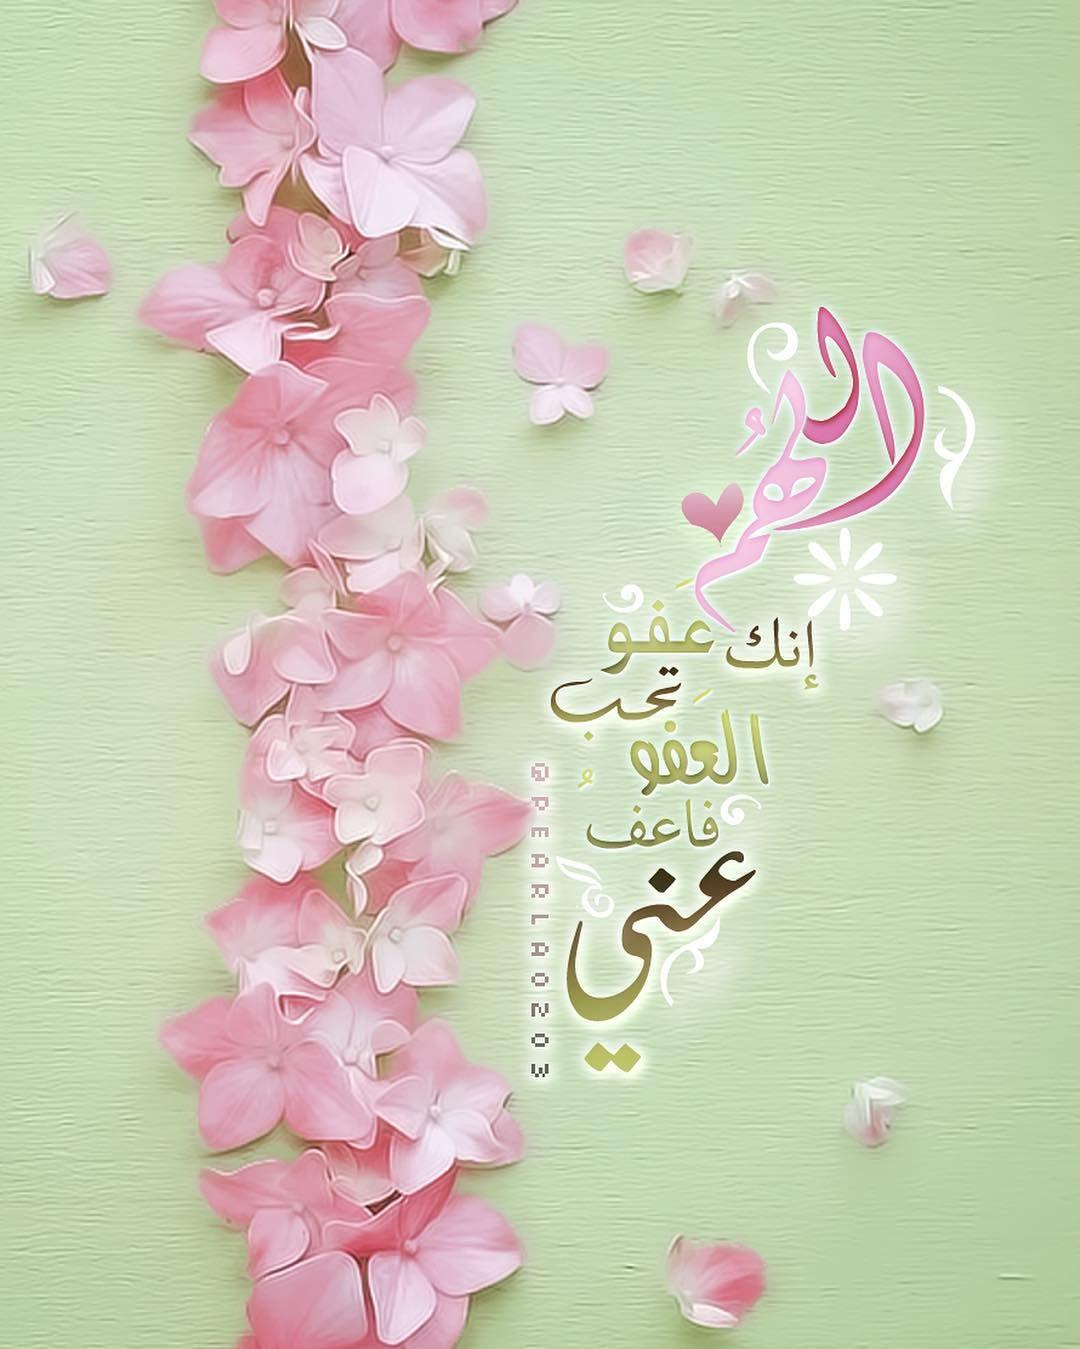 أيهما أفضل العشر الأواخر من رمضان أم عشر ذي الحجة عشر الأواخر من رمضان أفضل من جهة الليل لأن فيها ليلة الق Islamic Pictures Islamic Quotes Words Of Wisdom